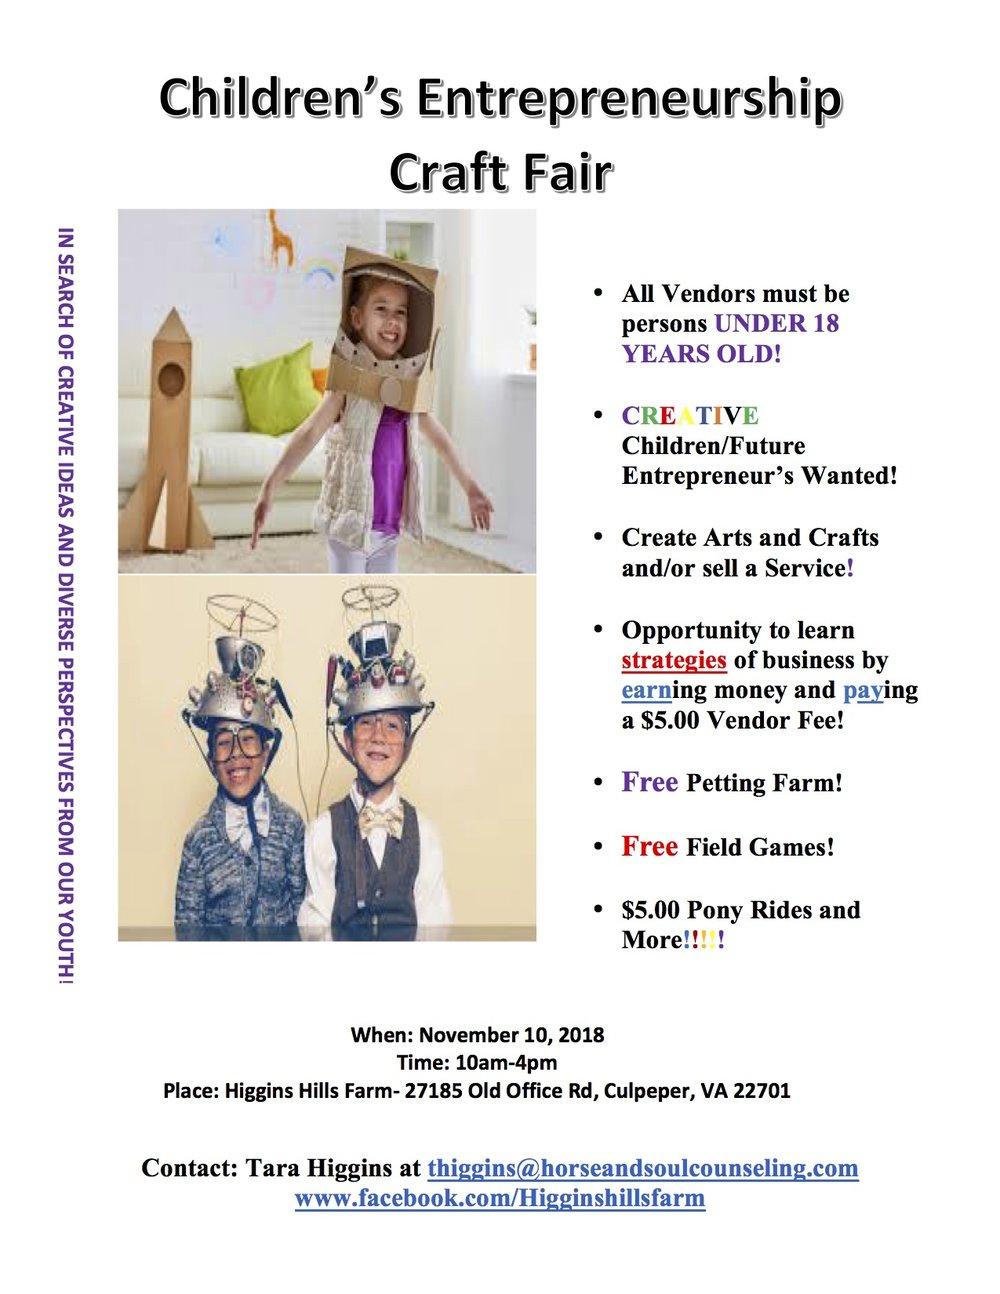 Children's craft fair .jpg